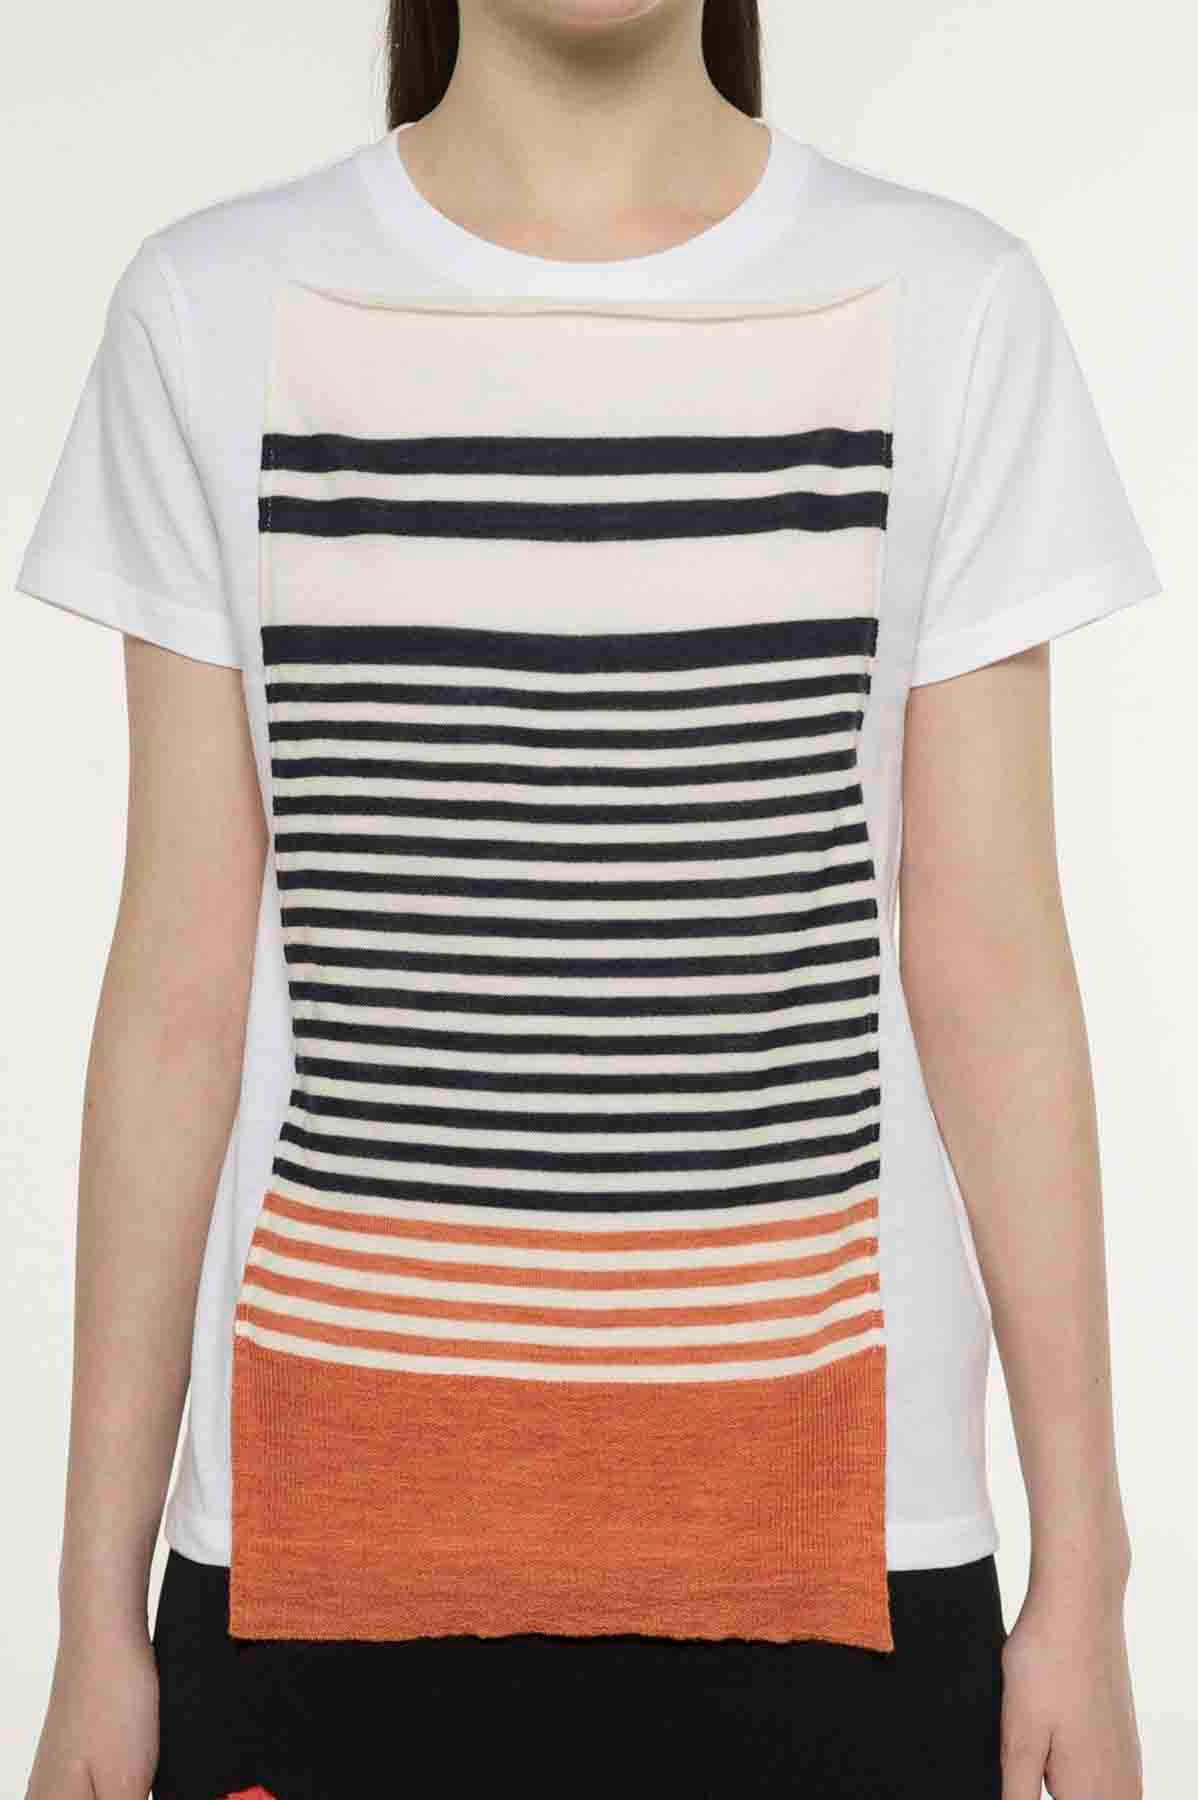 RISMATbyY这款棉质短袖T恤采用边框针织设计